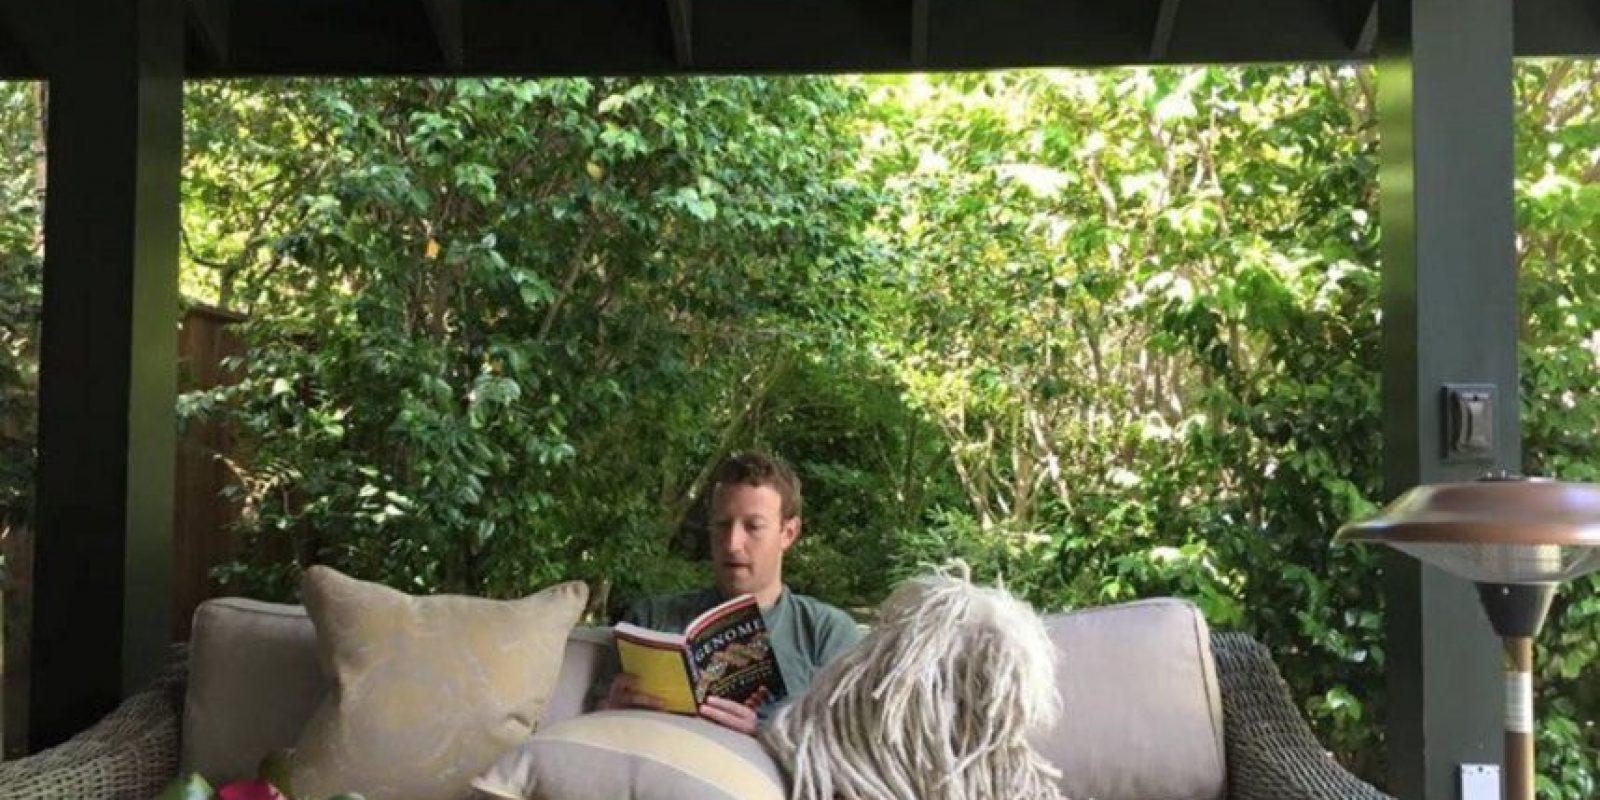 Conozcan al perro del dueño de Facebook. Foto:facebook.com/zuck